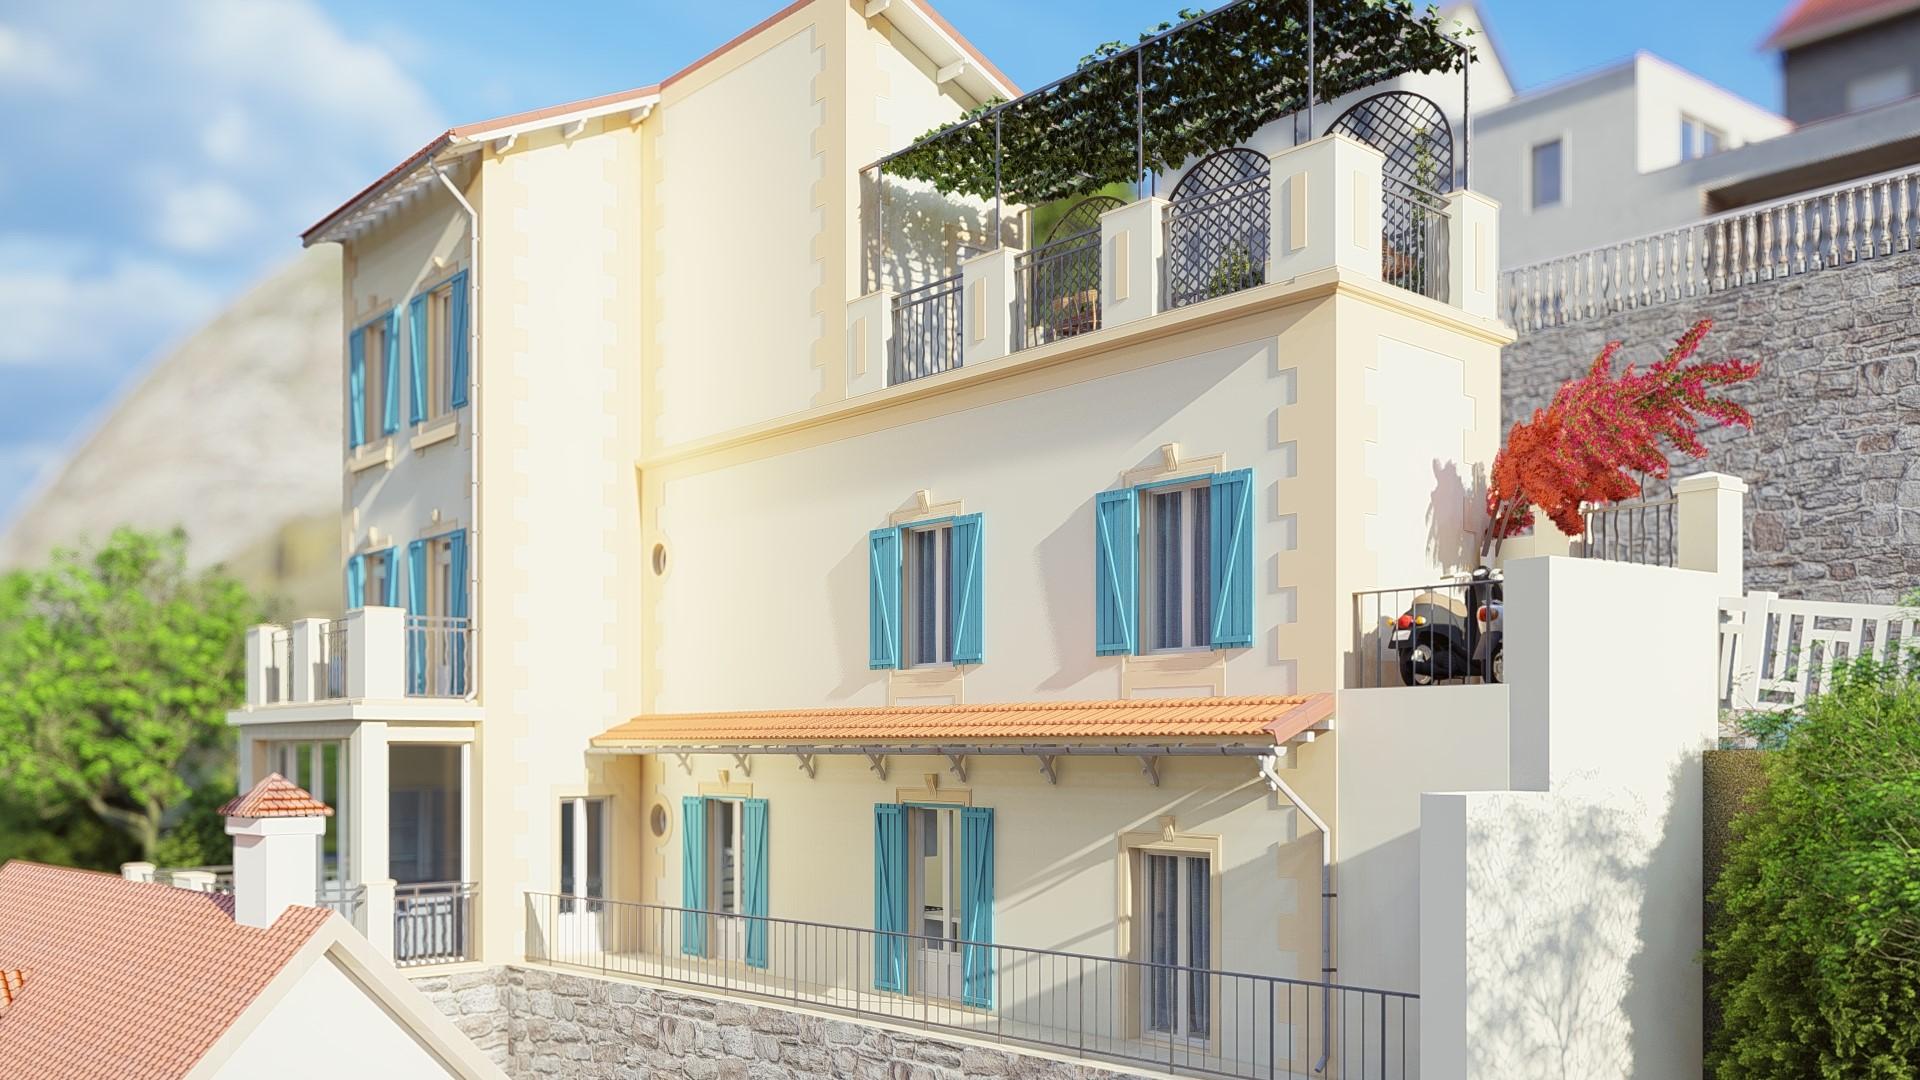 Roquebrune, Cap Martin - France- Reabilitação de uma moradia unifamiliar 0